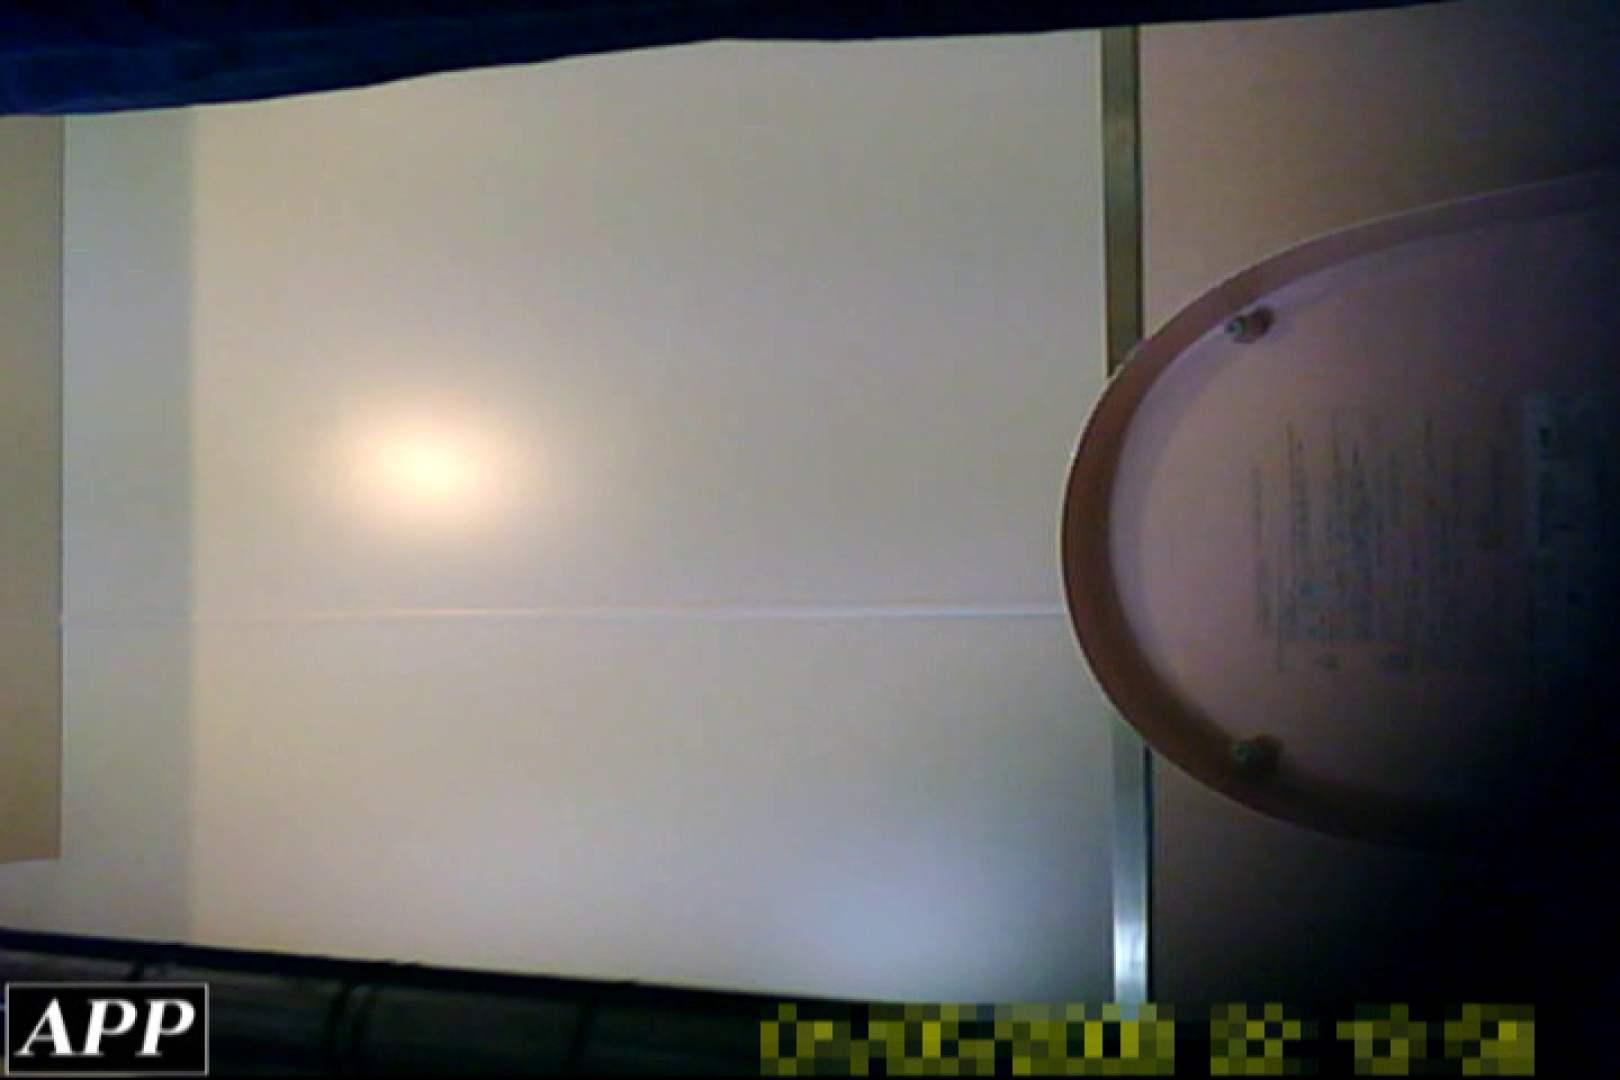 3視点洗面所 vol.114 マンコ無修正 盗み撮りAV無料動画キャプチャ 99画像 34